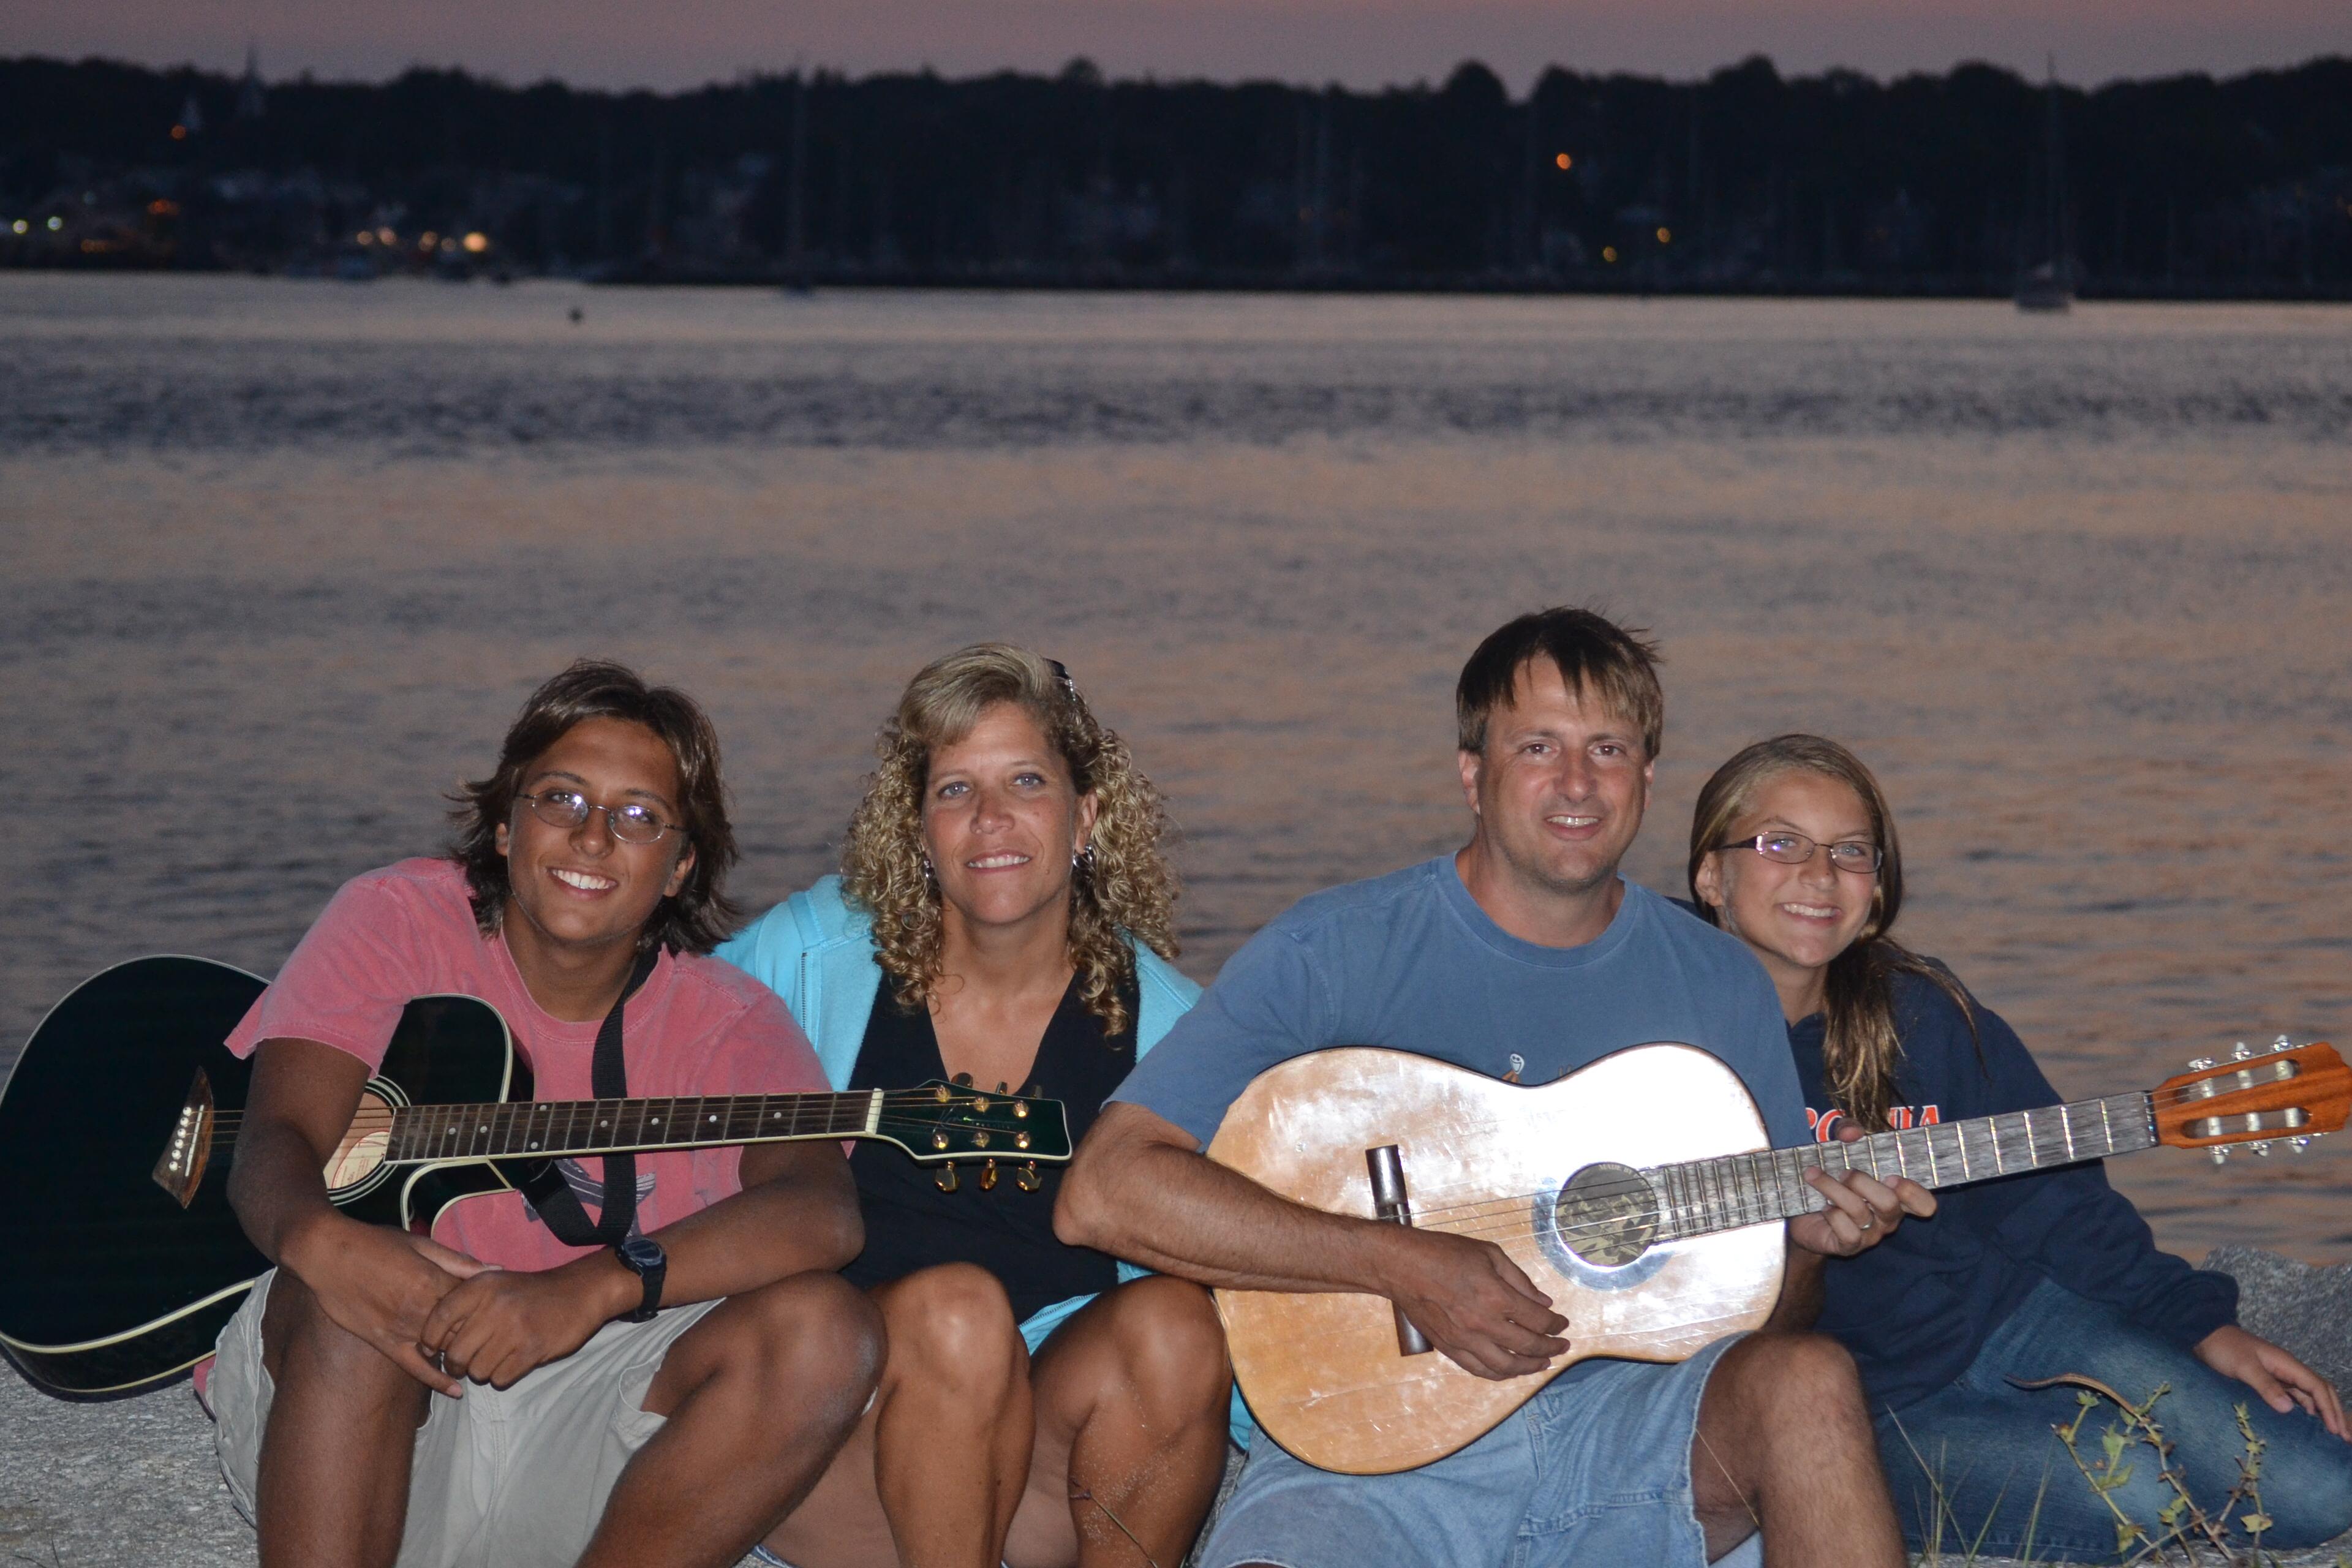 Trish Guitars